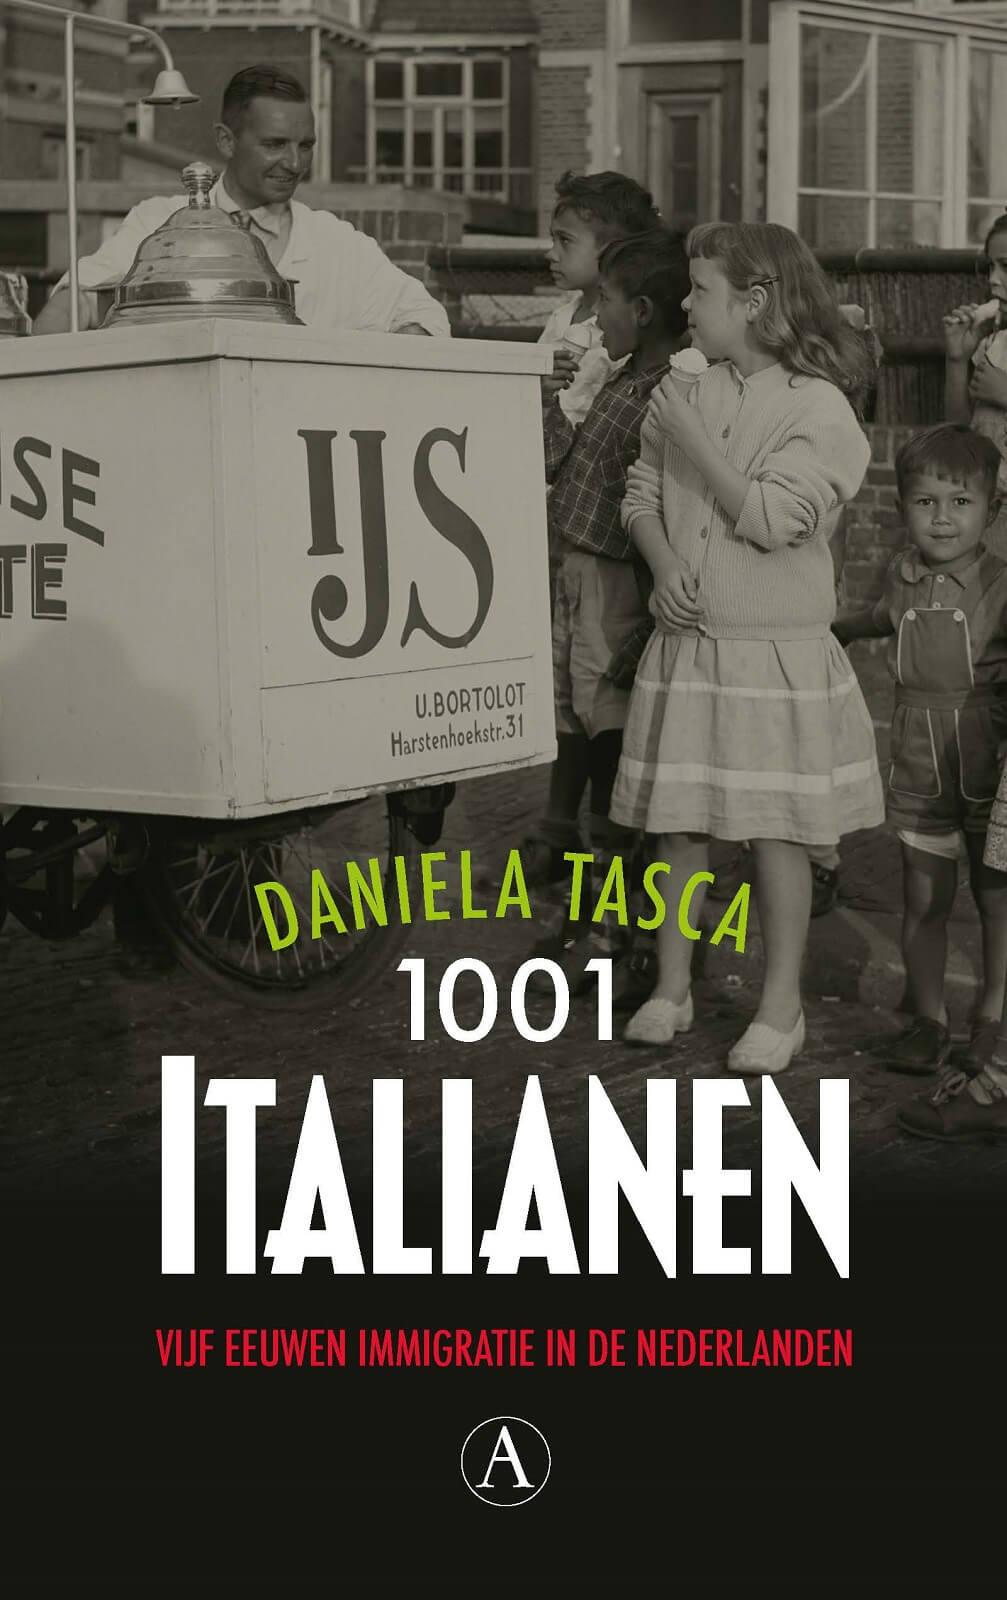 1001 Italianen, Daniela Tasca